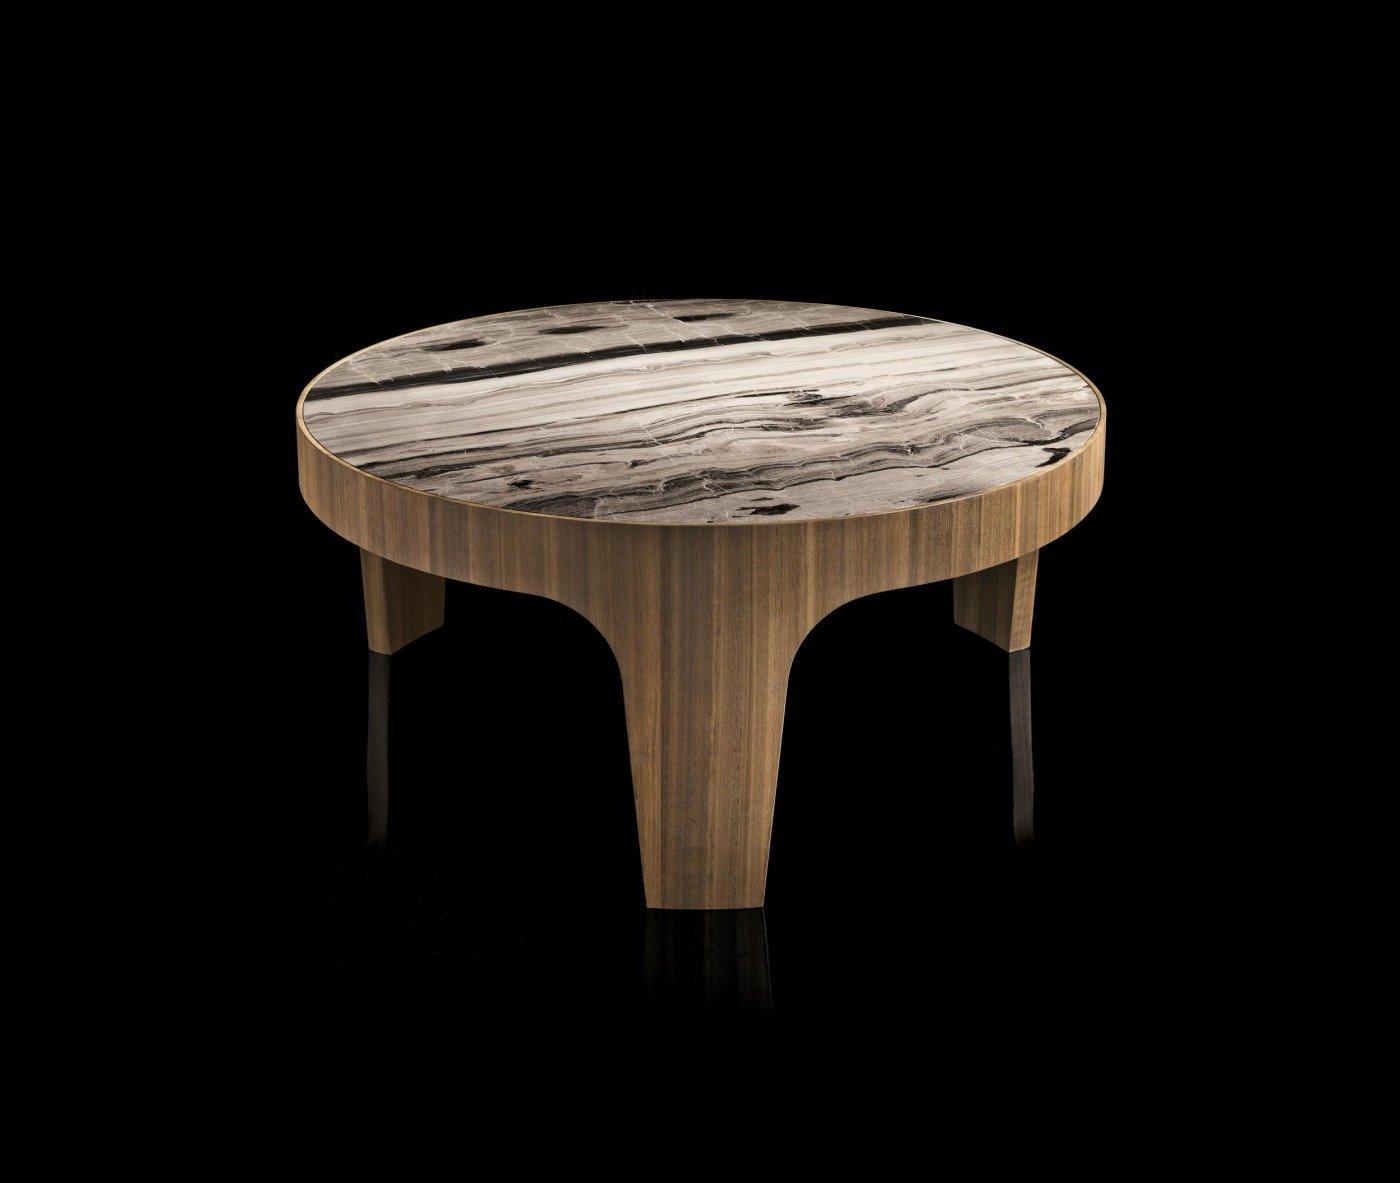 Henge beistelltische beistelltisch r table designbest for Messing beistelltisch katalog